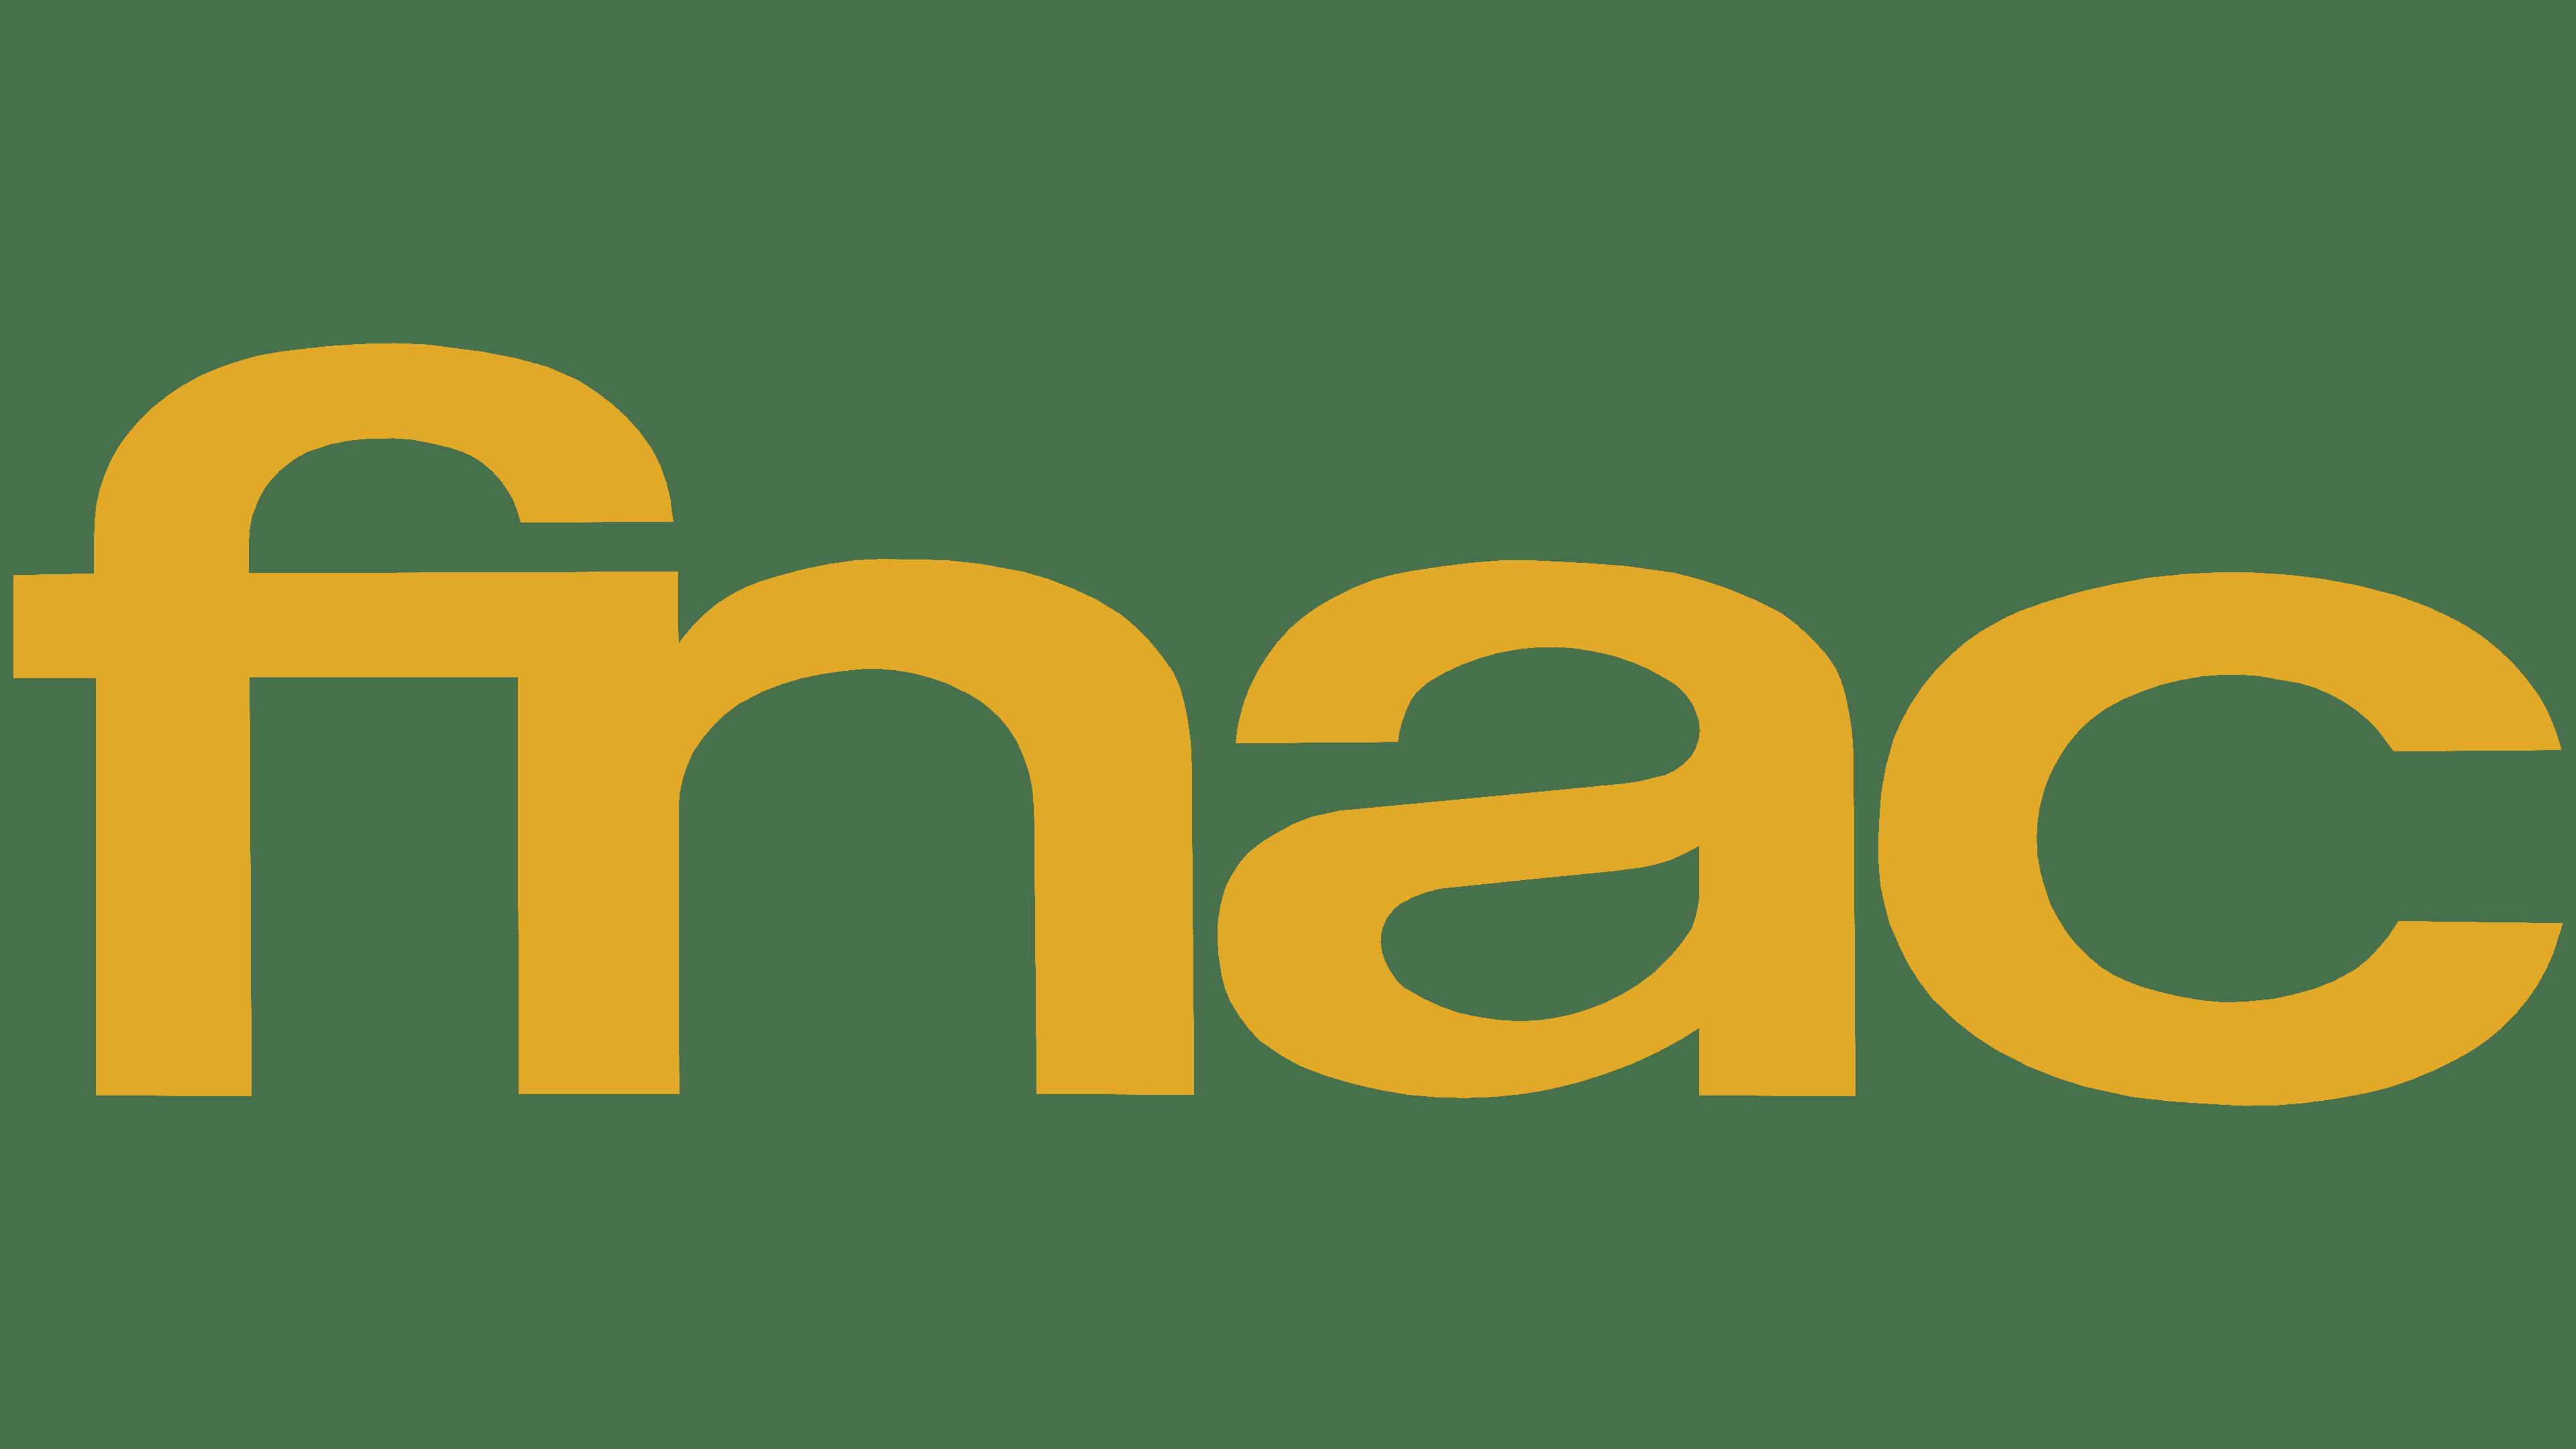 Fnac Logo - LOGOS de MARCAS